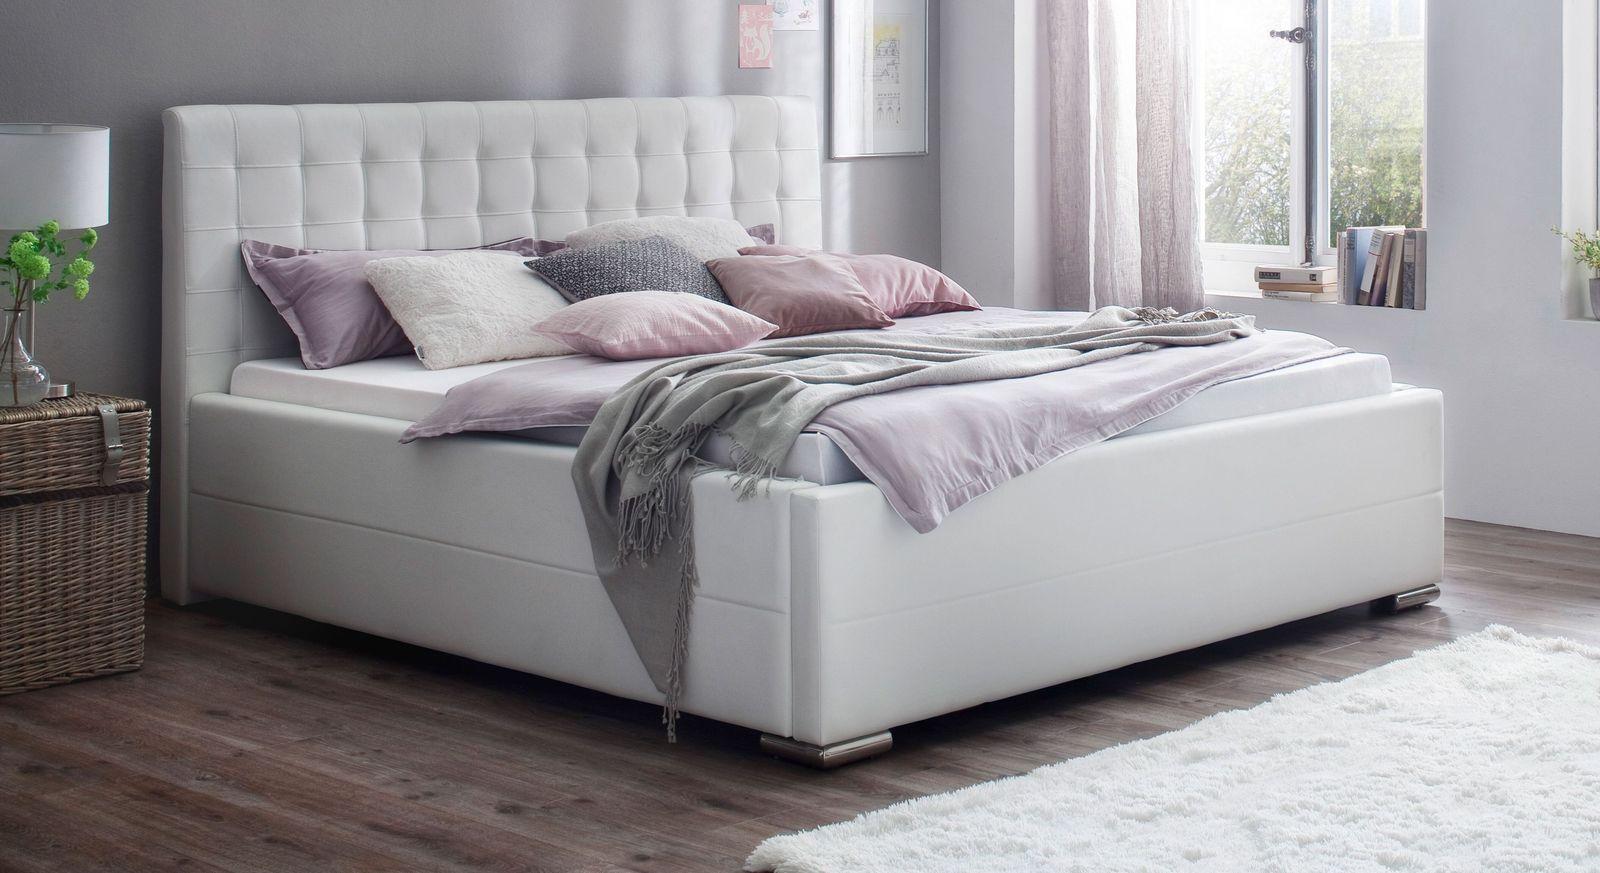 Preiswertes Bett Boretto aus weißem Kunstleder